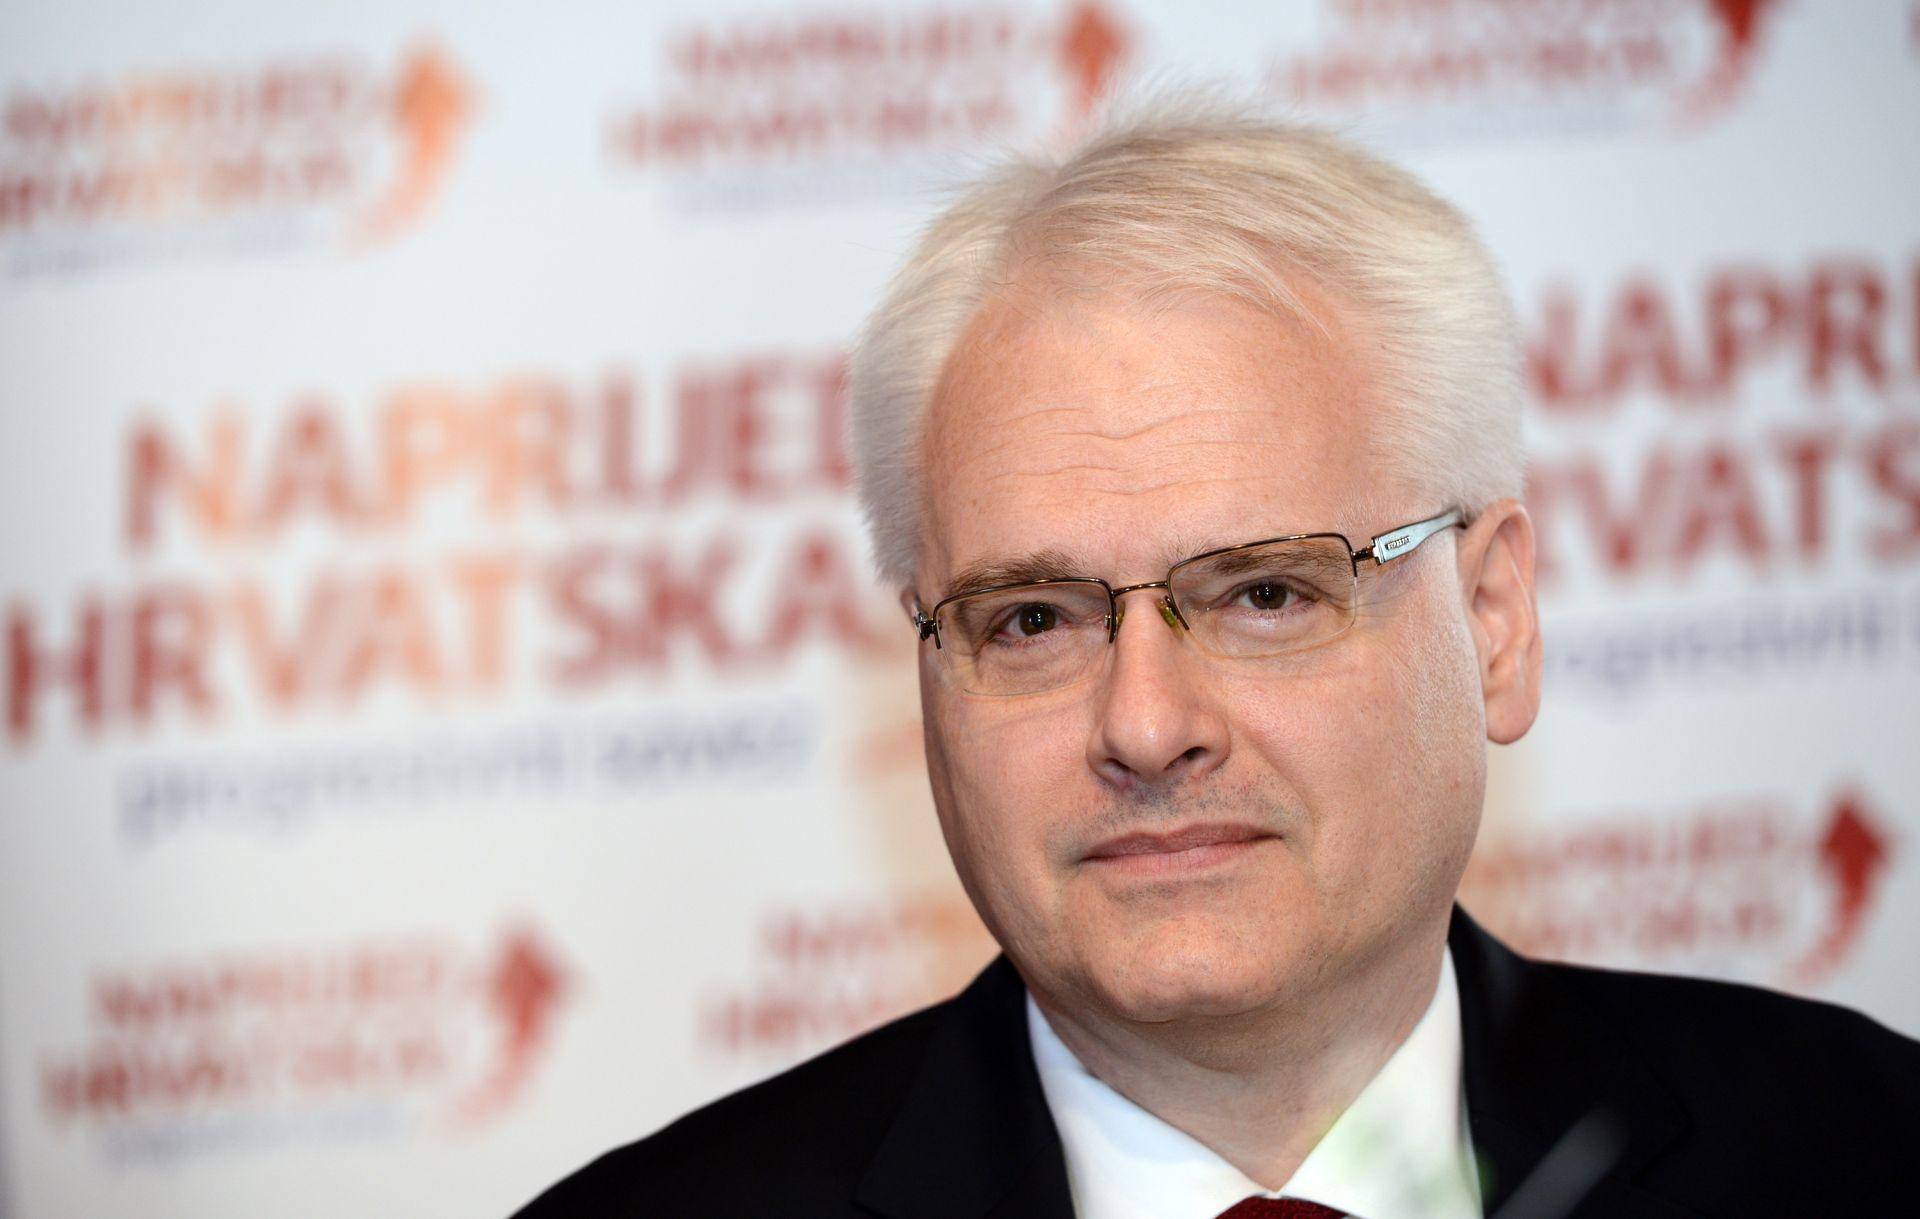 GOST KOLUMNIST: IVO JOSIPOVIĆ Remake Snjeguljice kao politička bajka